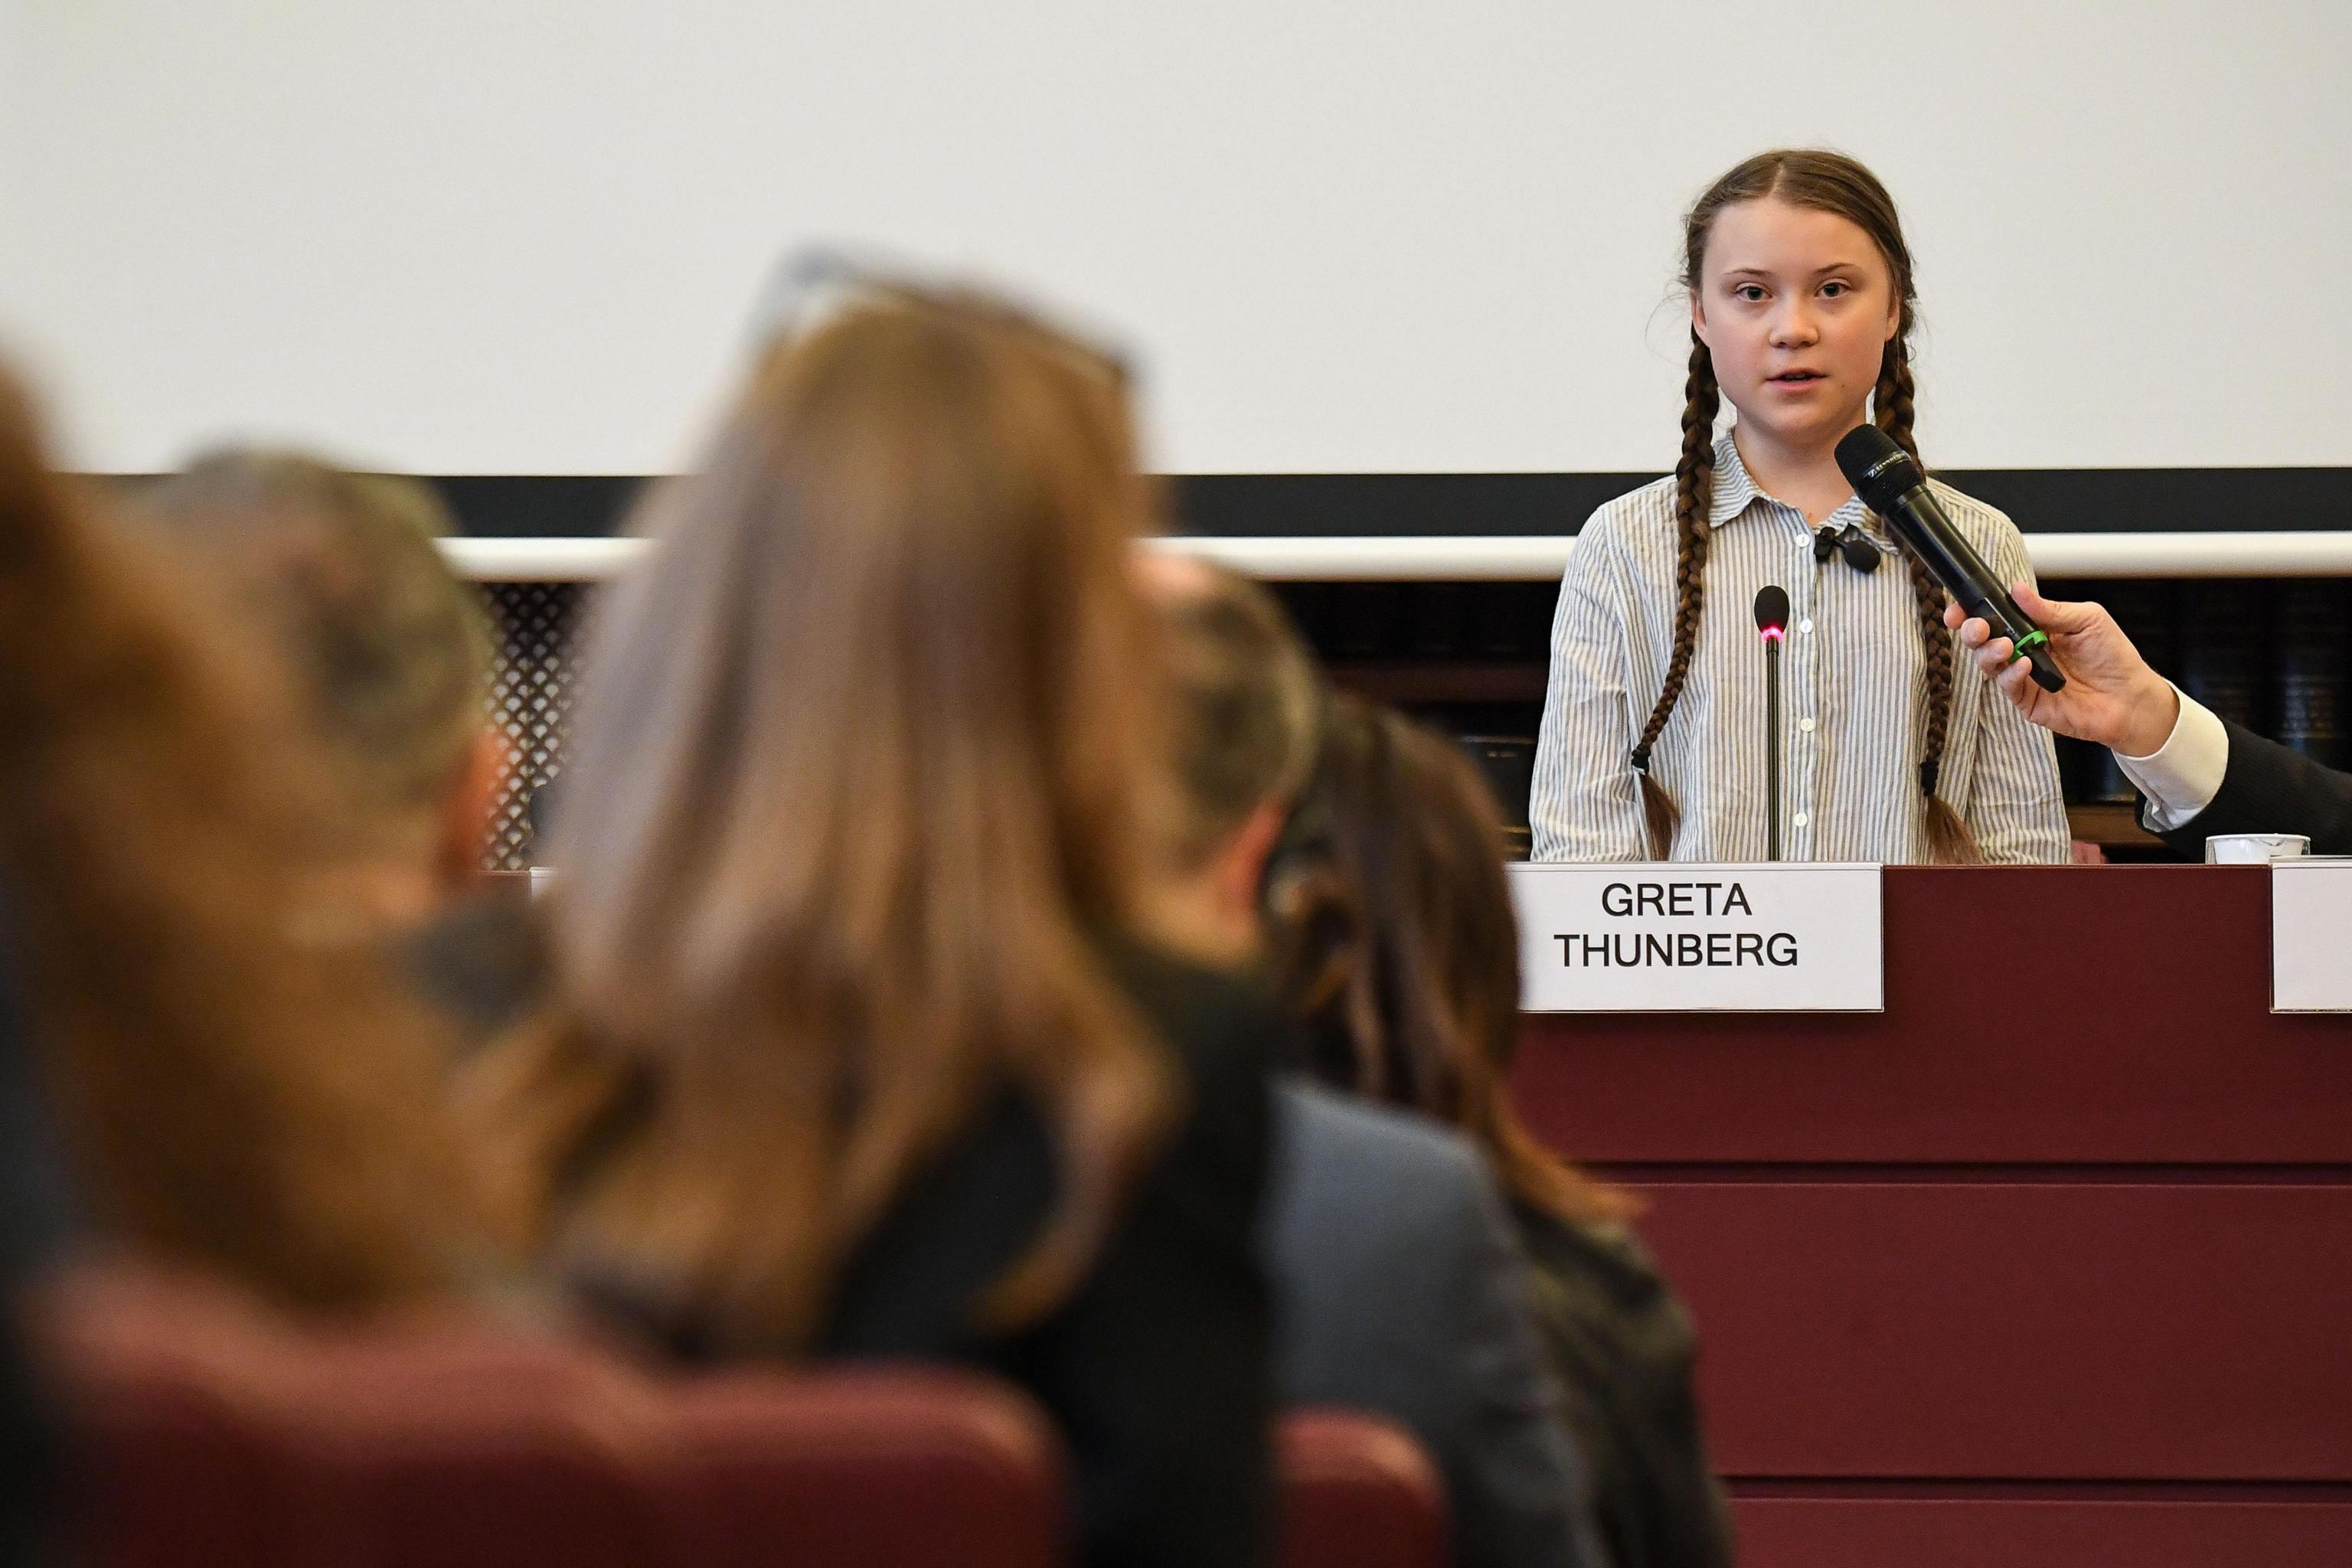 Greta critica políticos por nada fazerem face às alterações climáticas